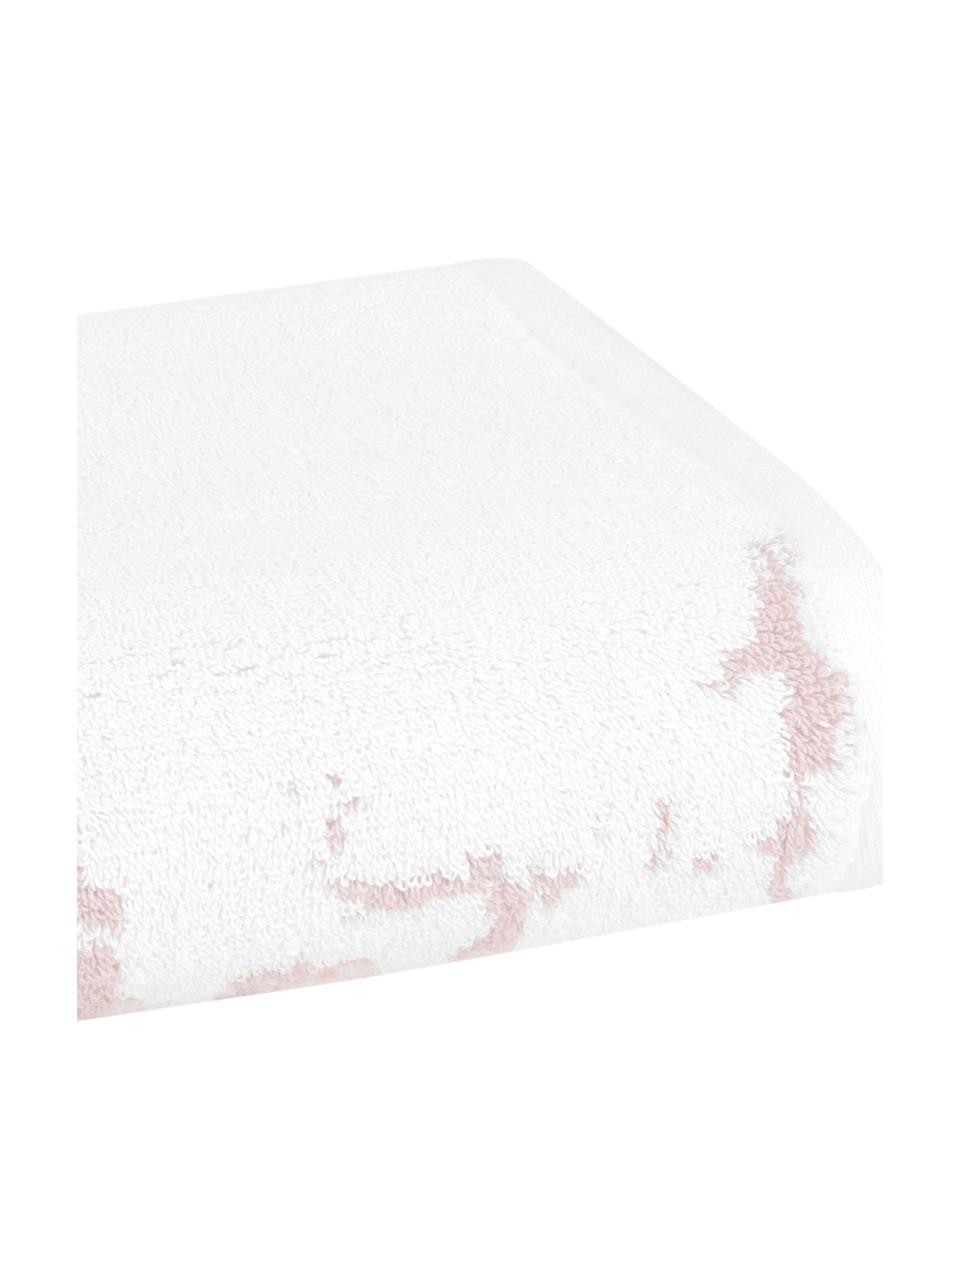 Handtuch-Set Malin mit Marmor-Print, 3-tlg., Rosa, Cremeweiß, Sondergrößen